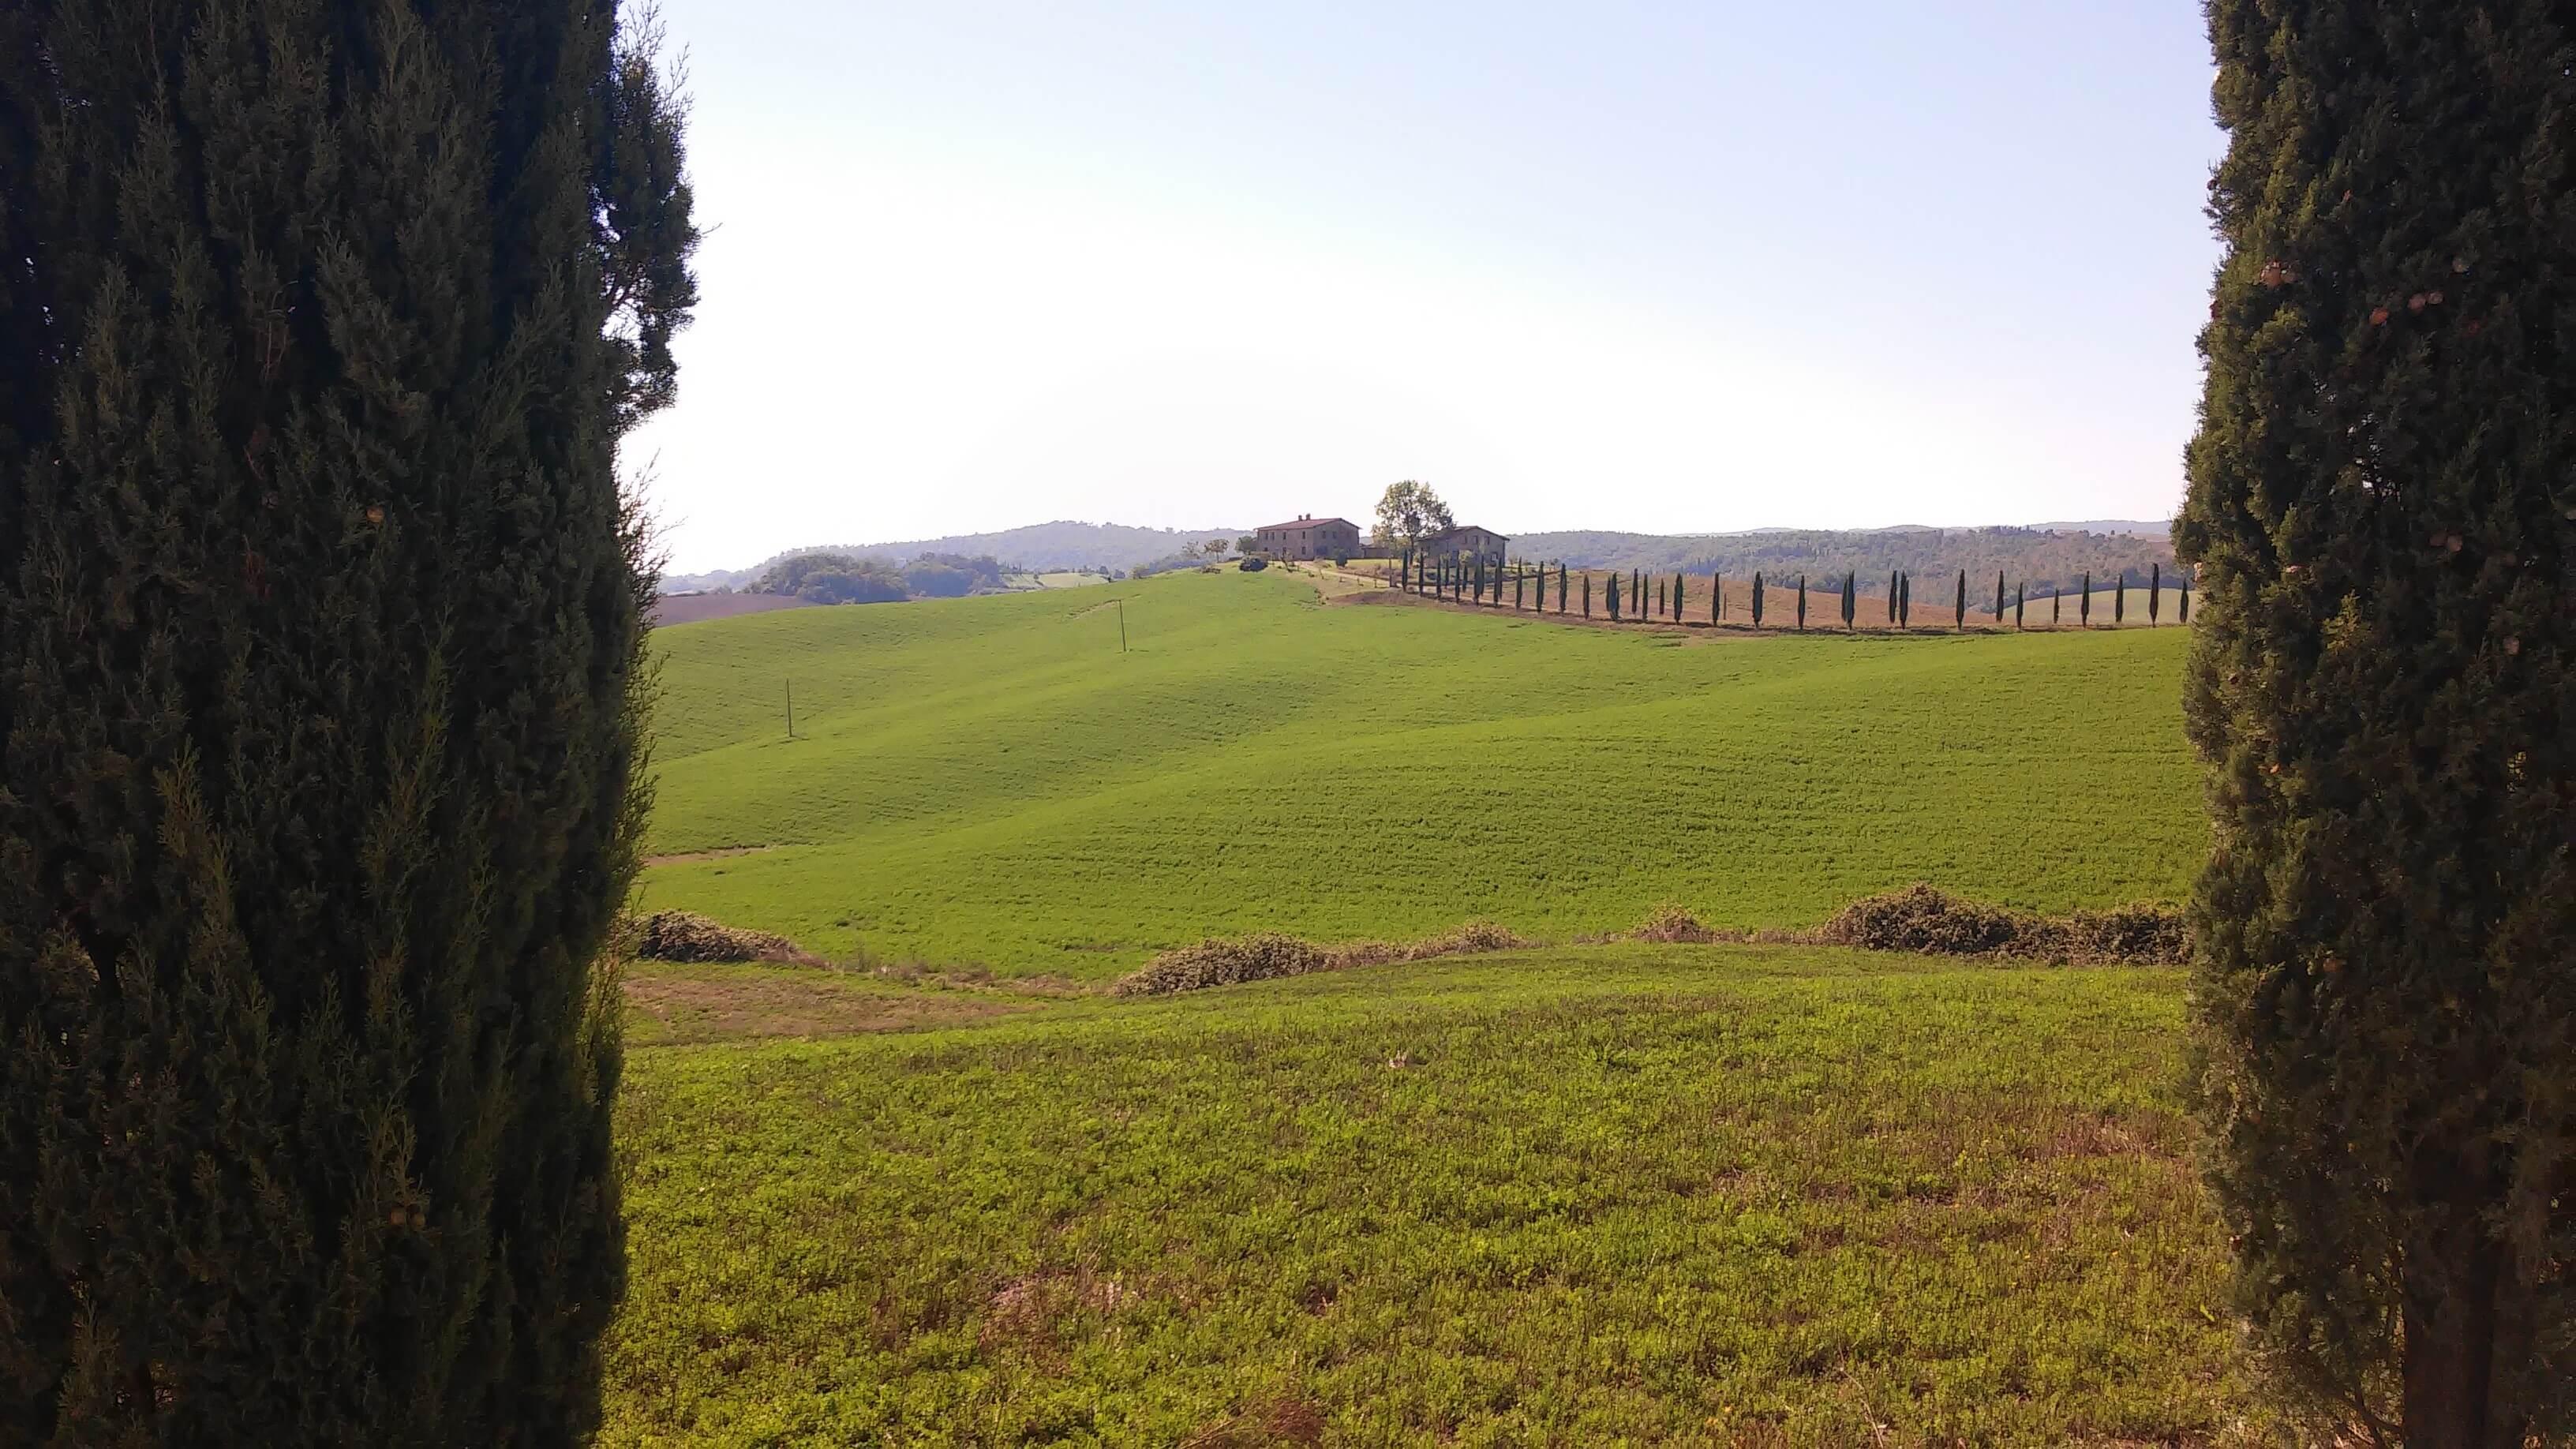 Crete Senesi, paesaggio